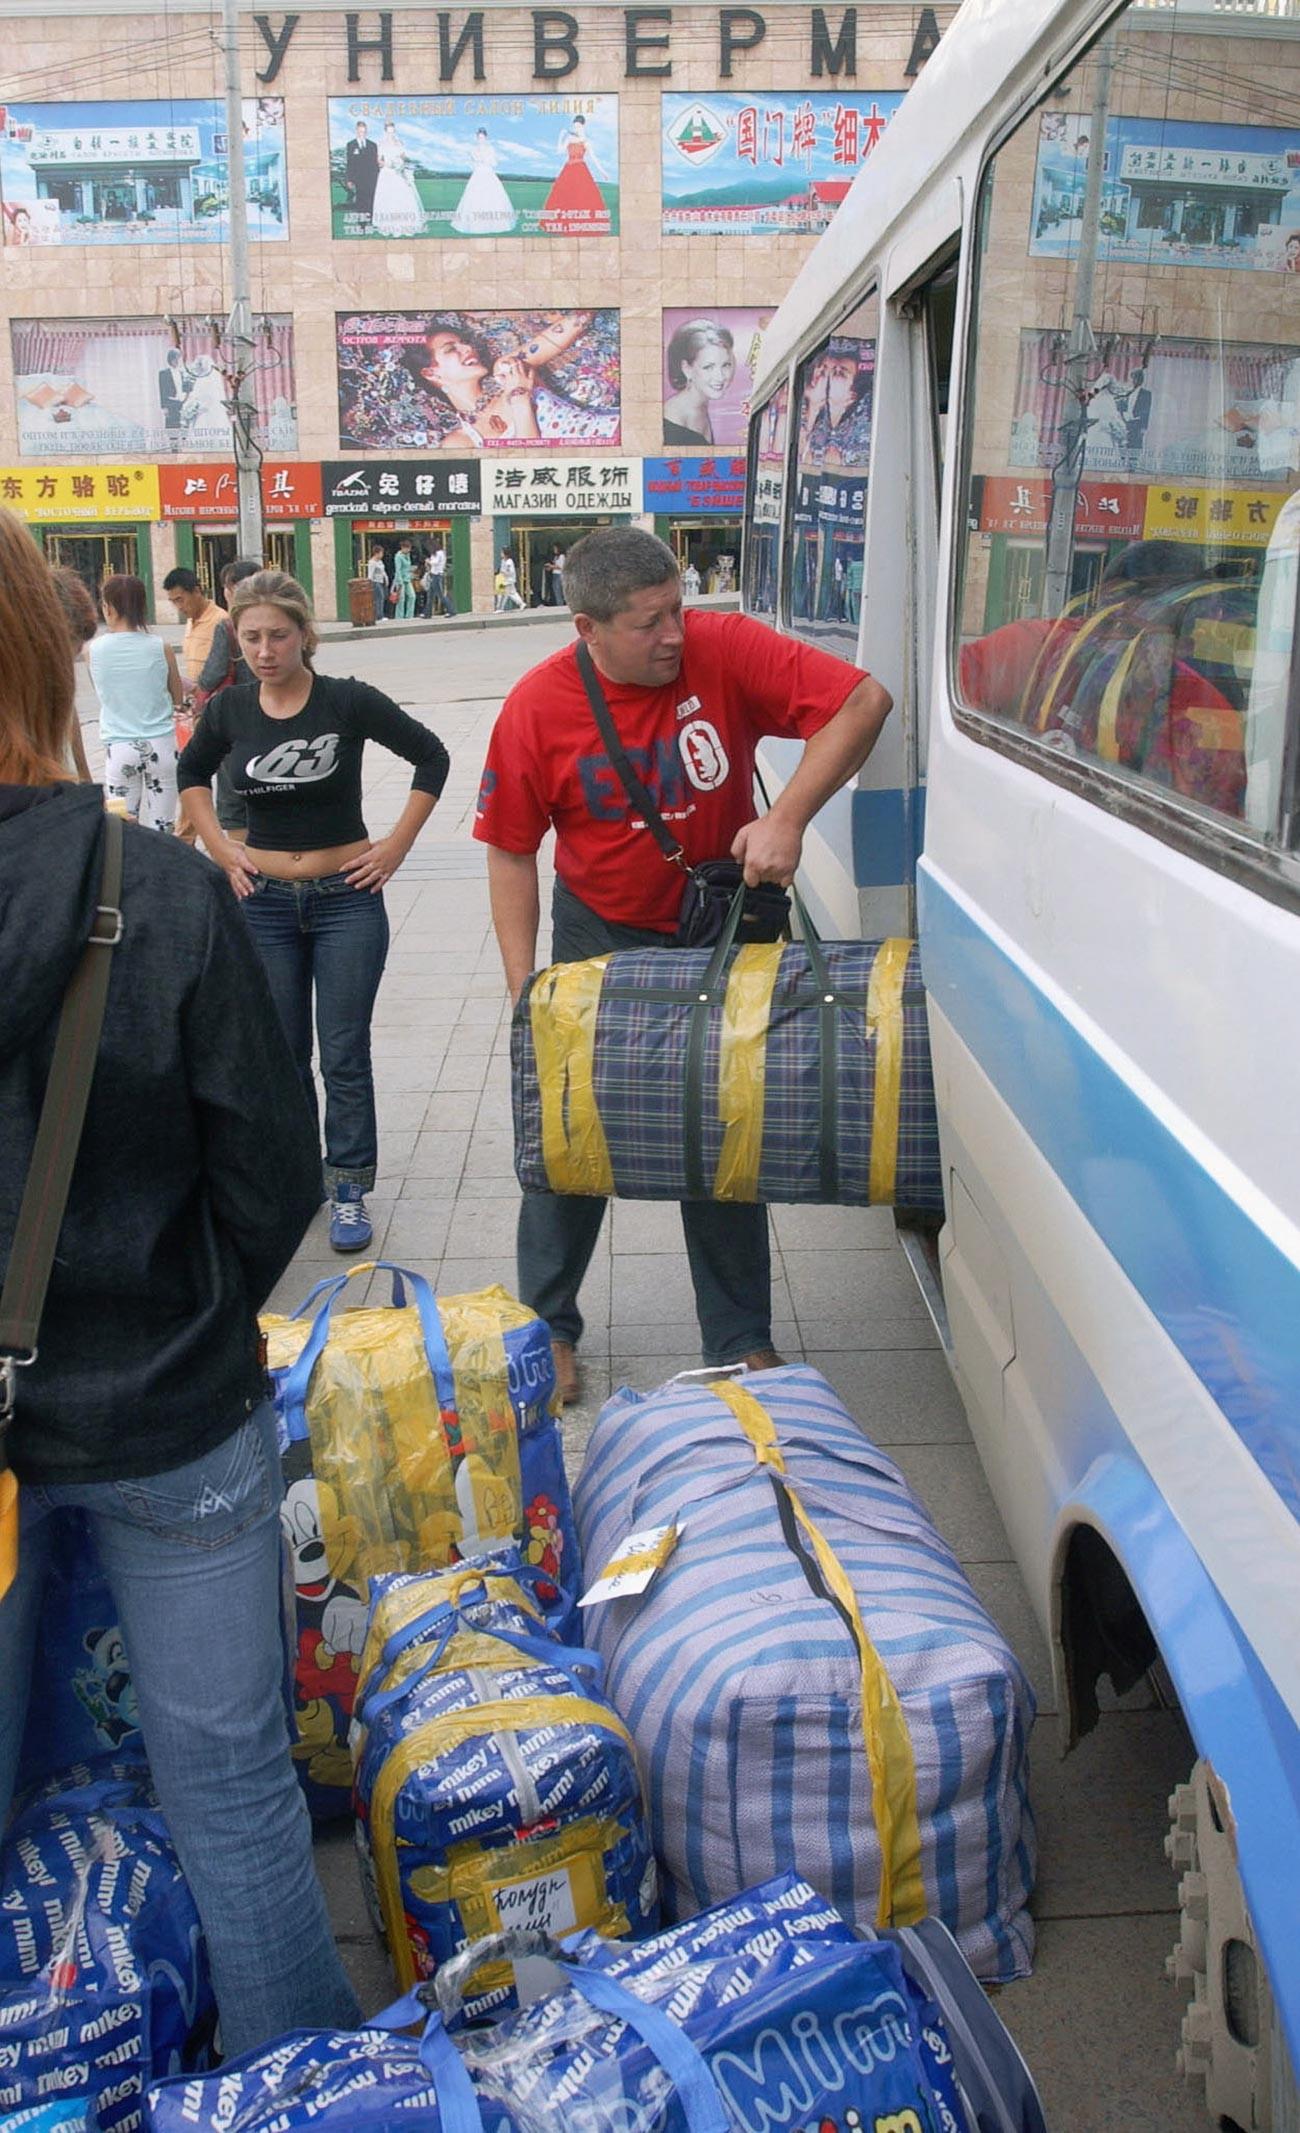 Russian chelnoki in China.